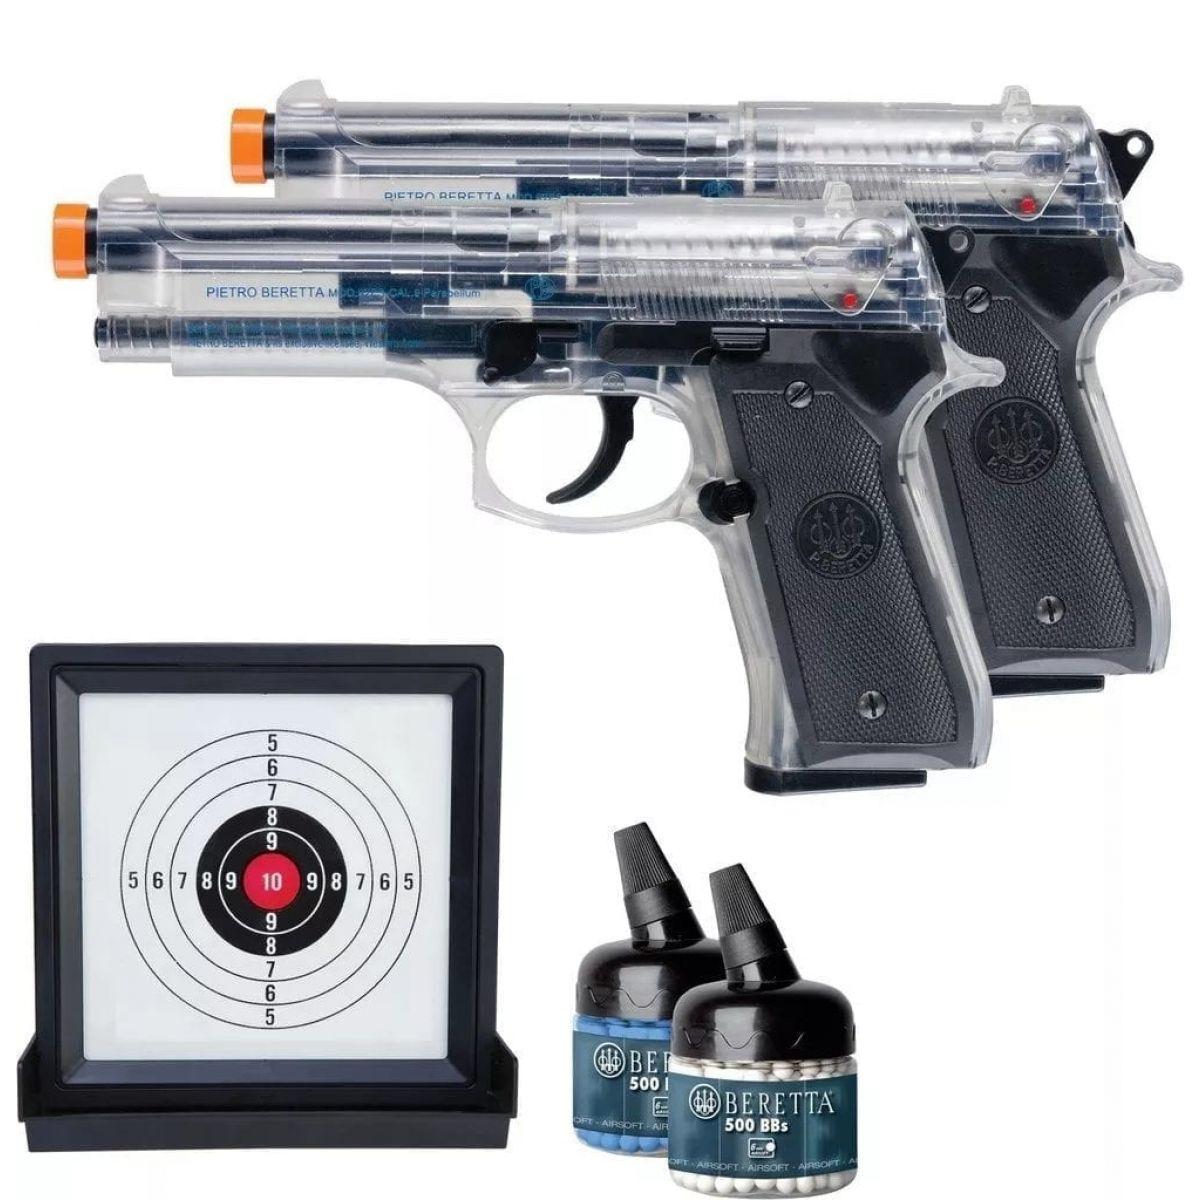 AirSoft Beretta Kit of 2 Spring Pistol 92FS Guns hand guns